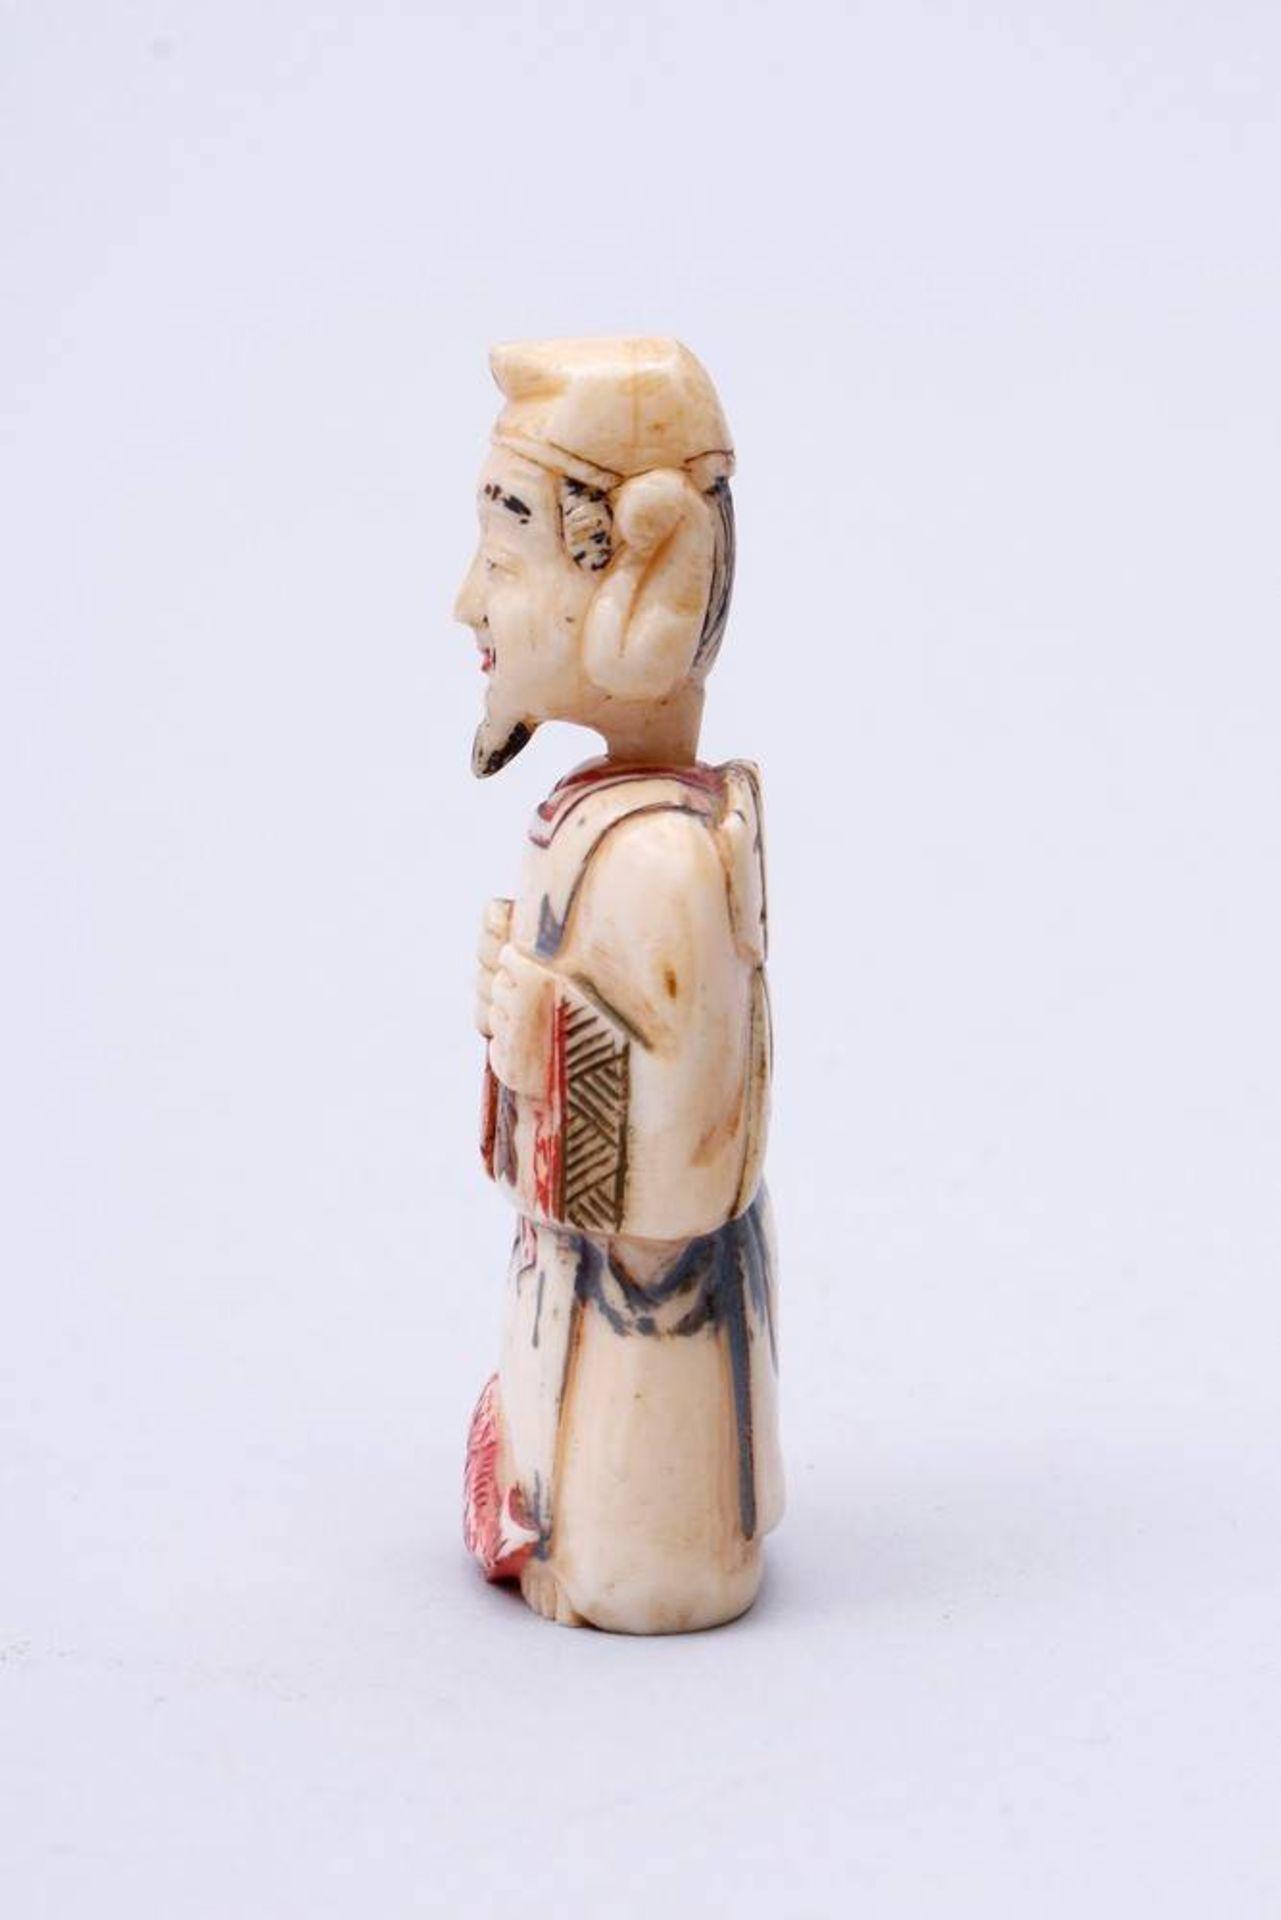 Figürliche Snuff-Bottle China, Anfang 20. Jh., stehender Fischer, Kopf als Verschluss, Elfenbein, - Bild 2 aus 7